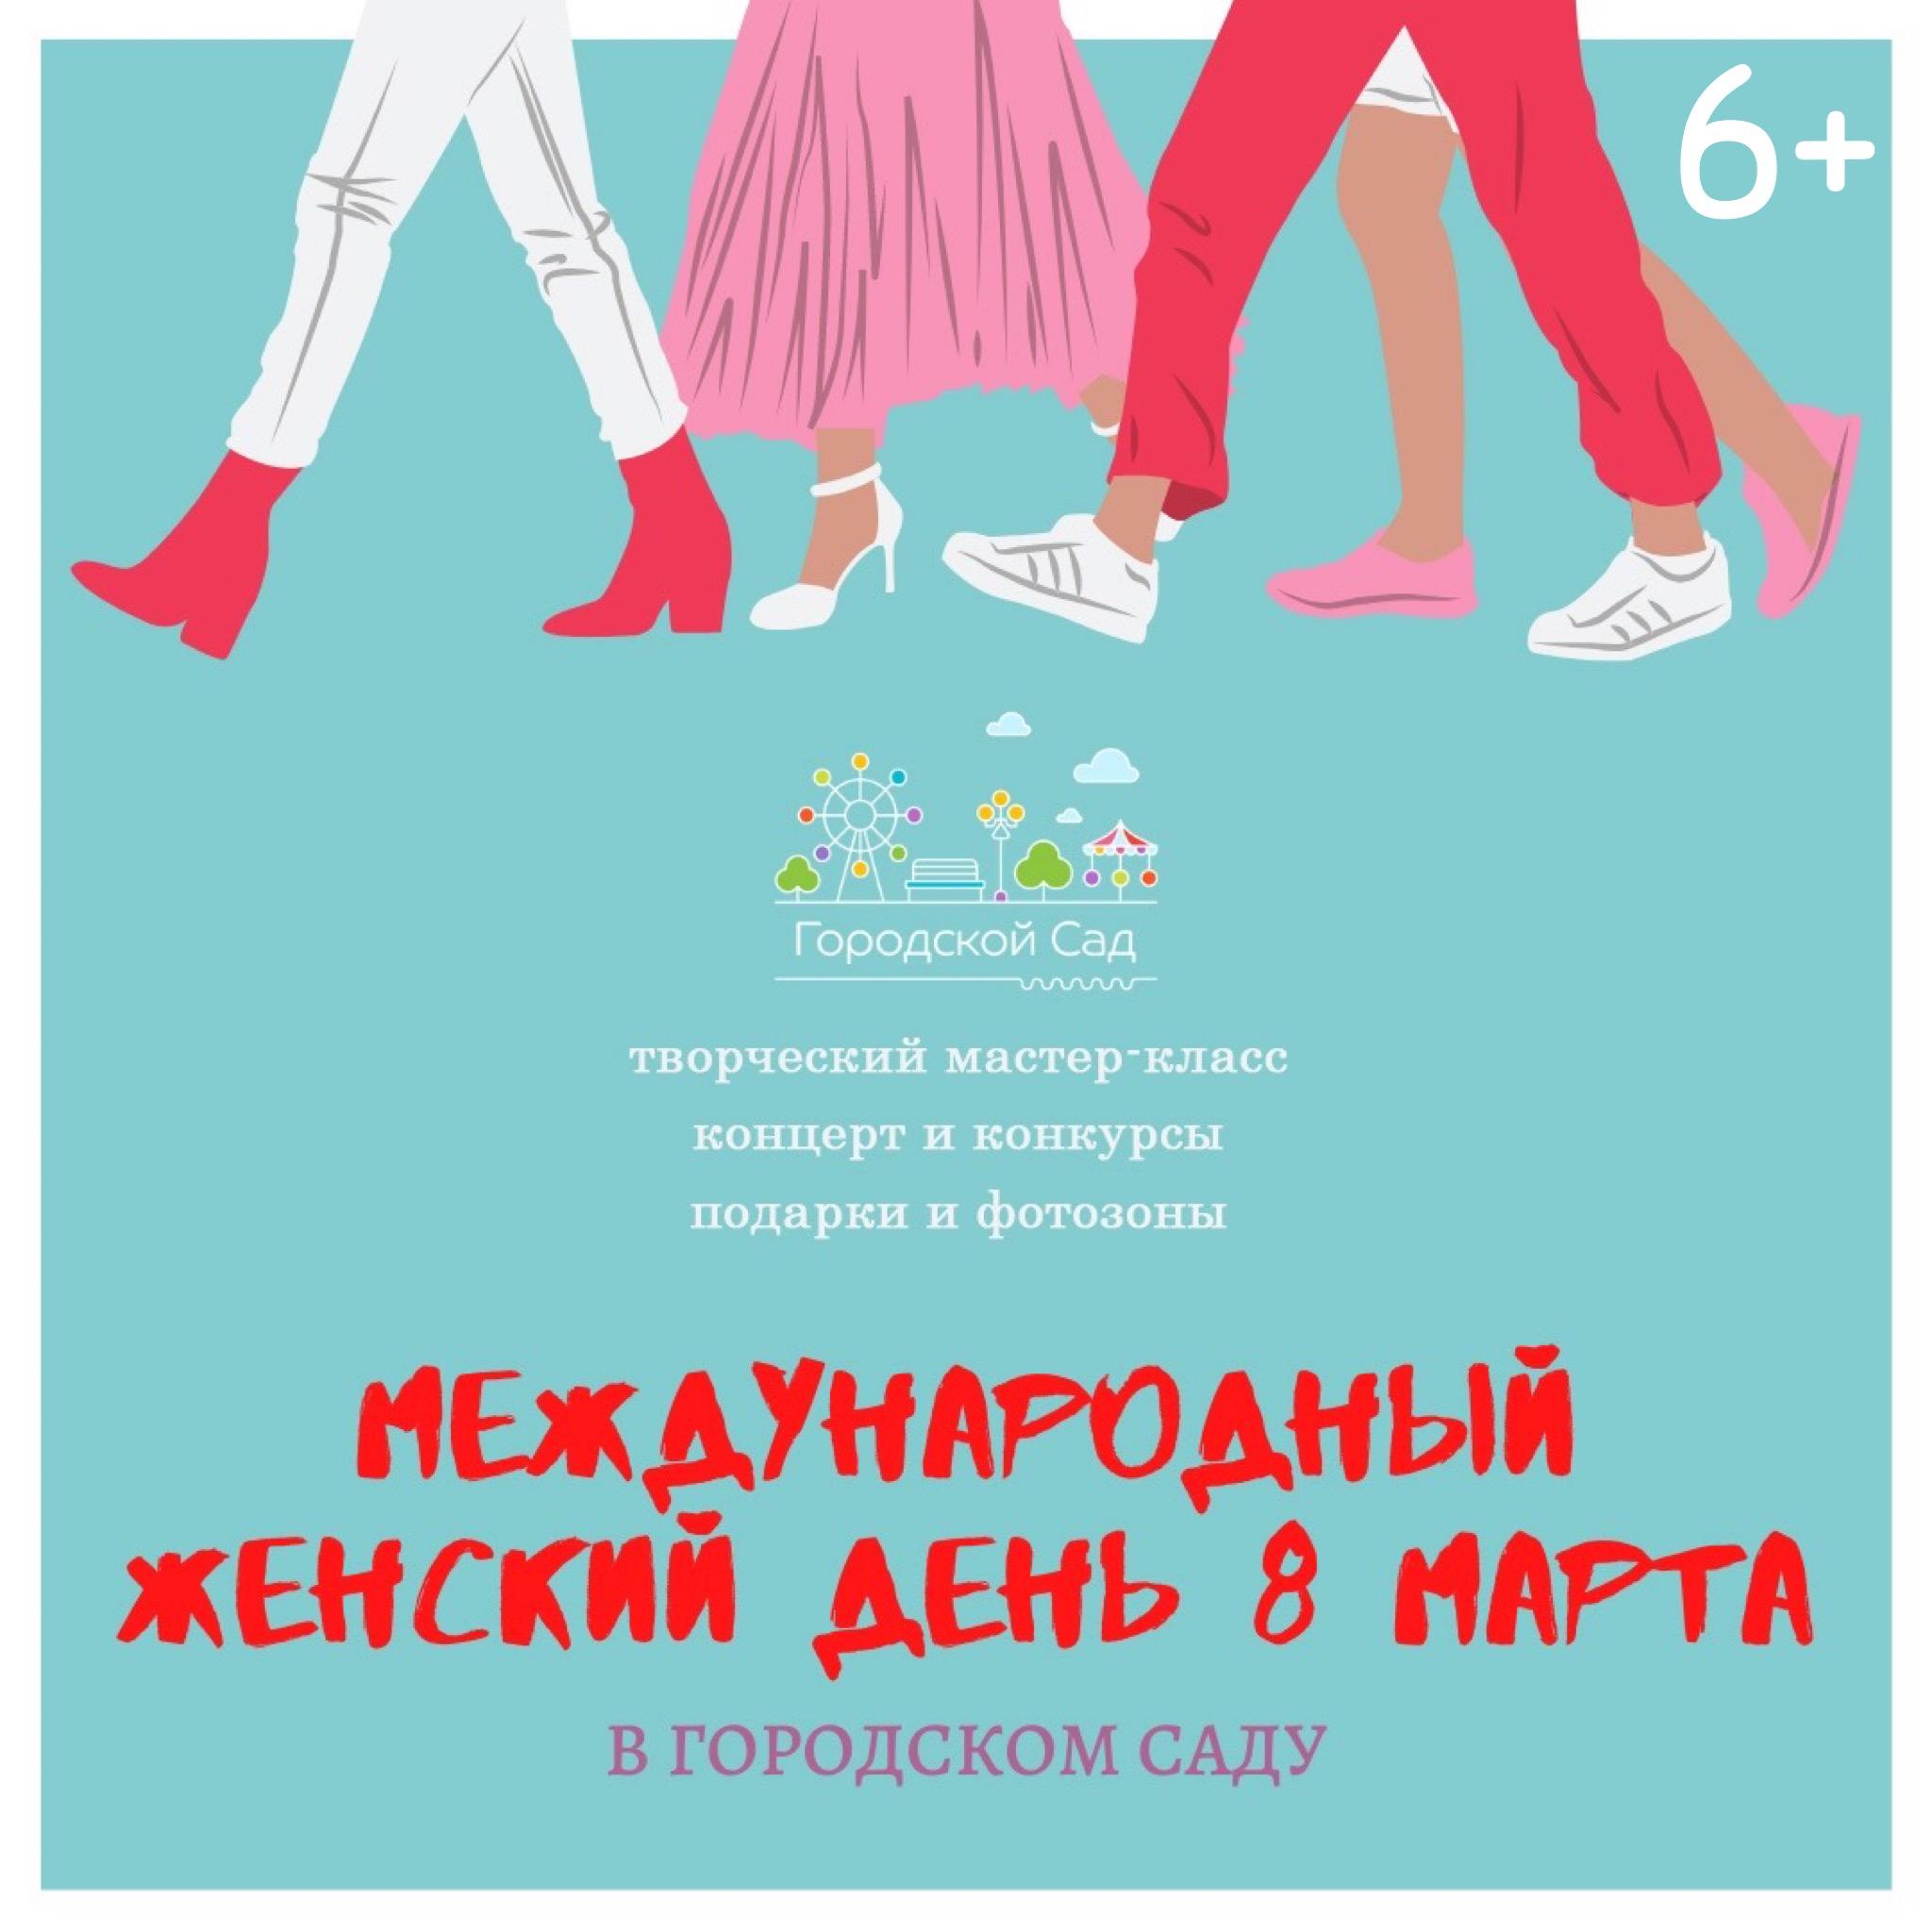 На 8 марта в городском саду Твери будут петь песни и дарить подарки